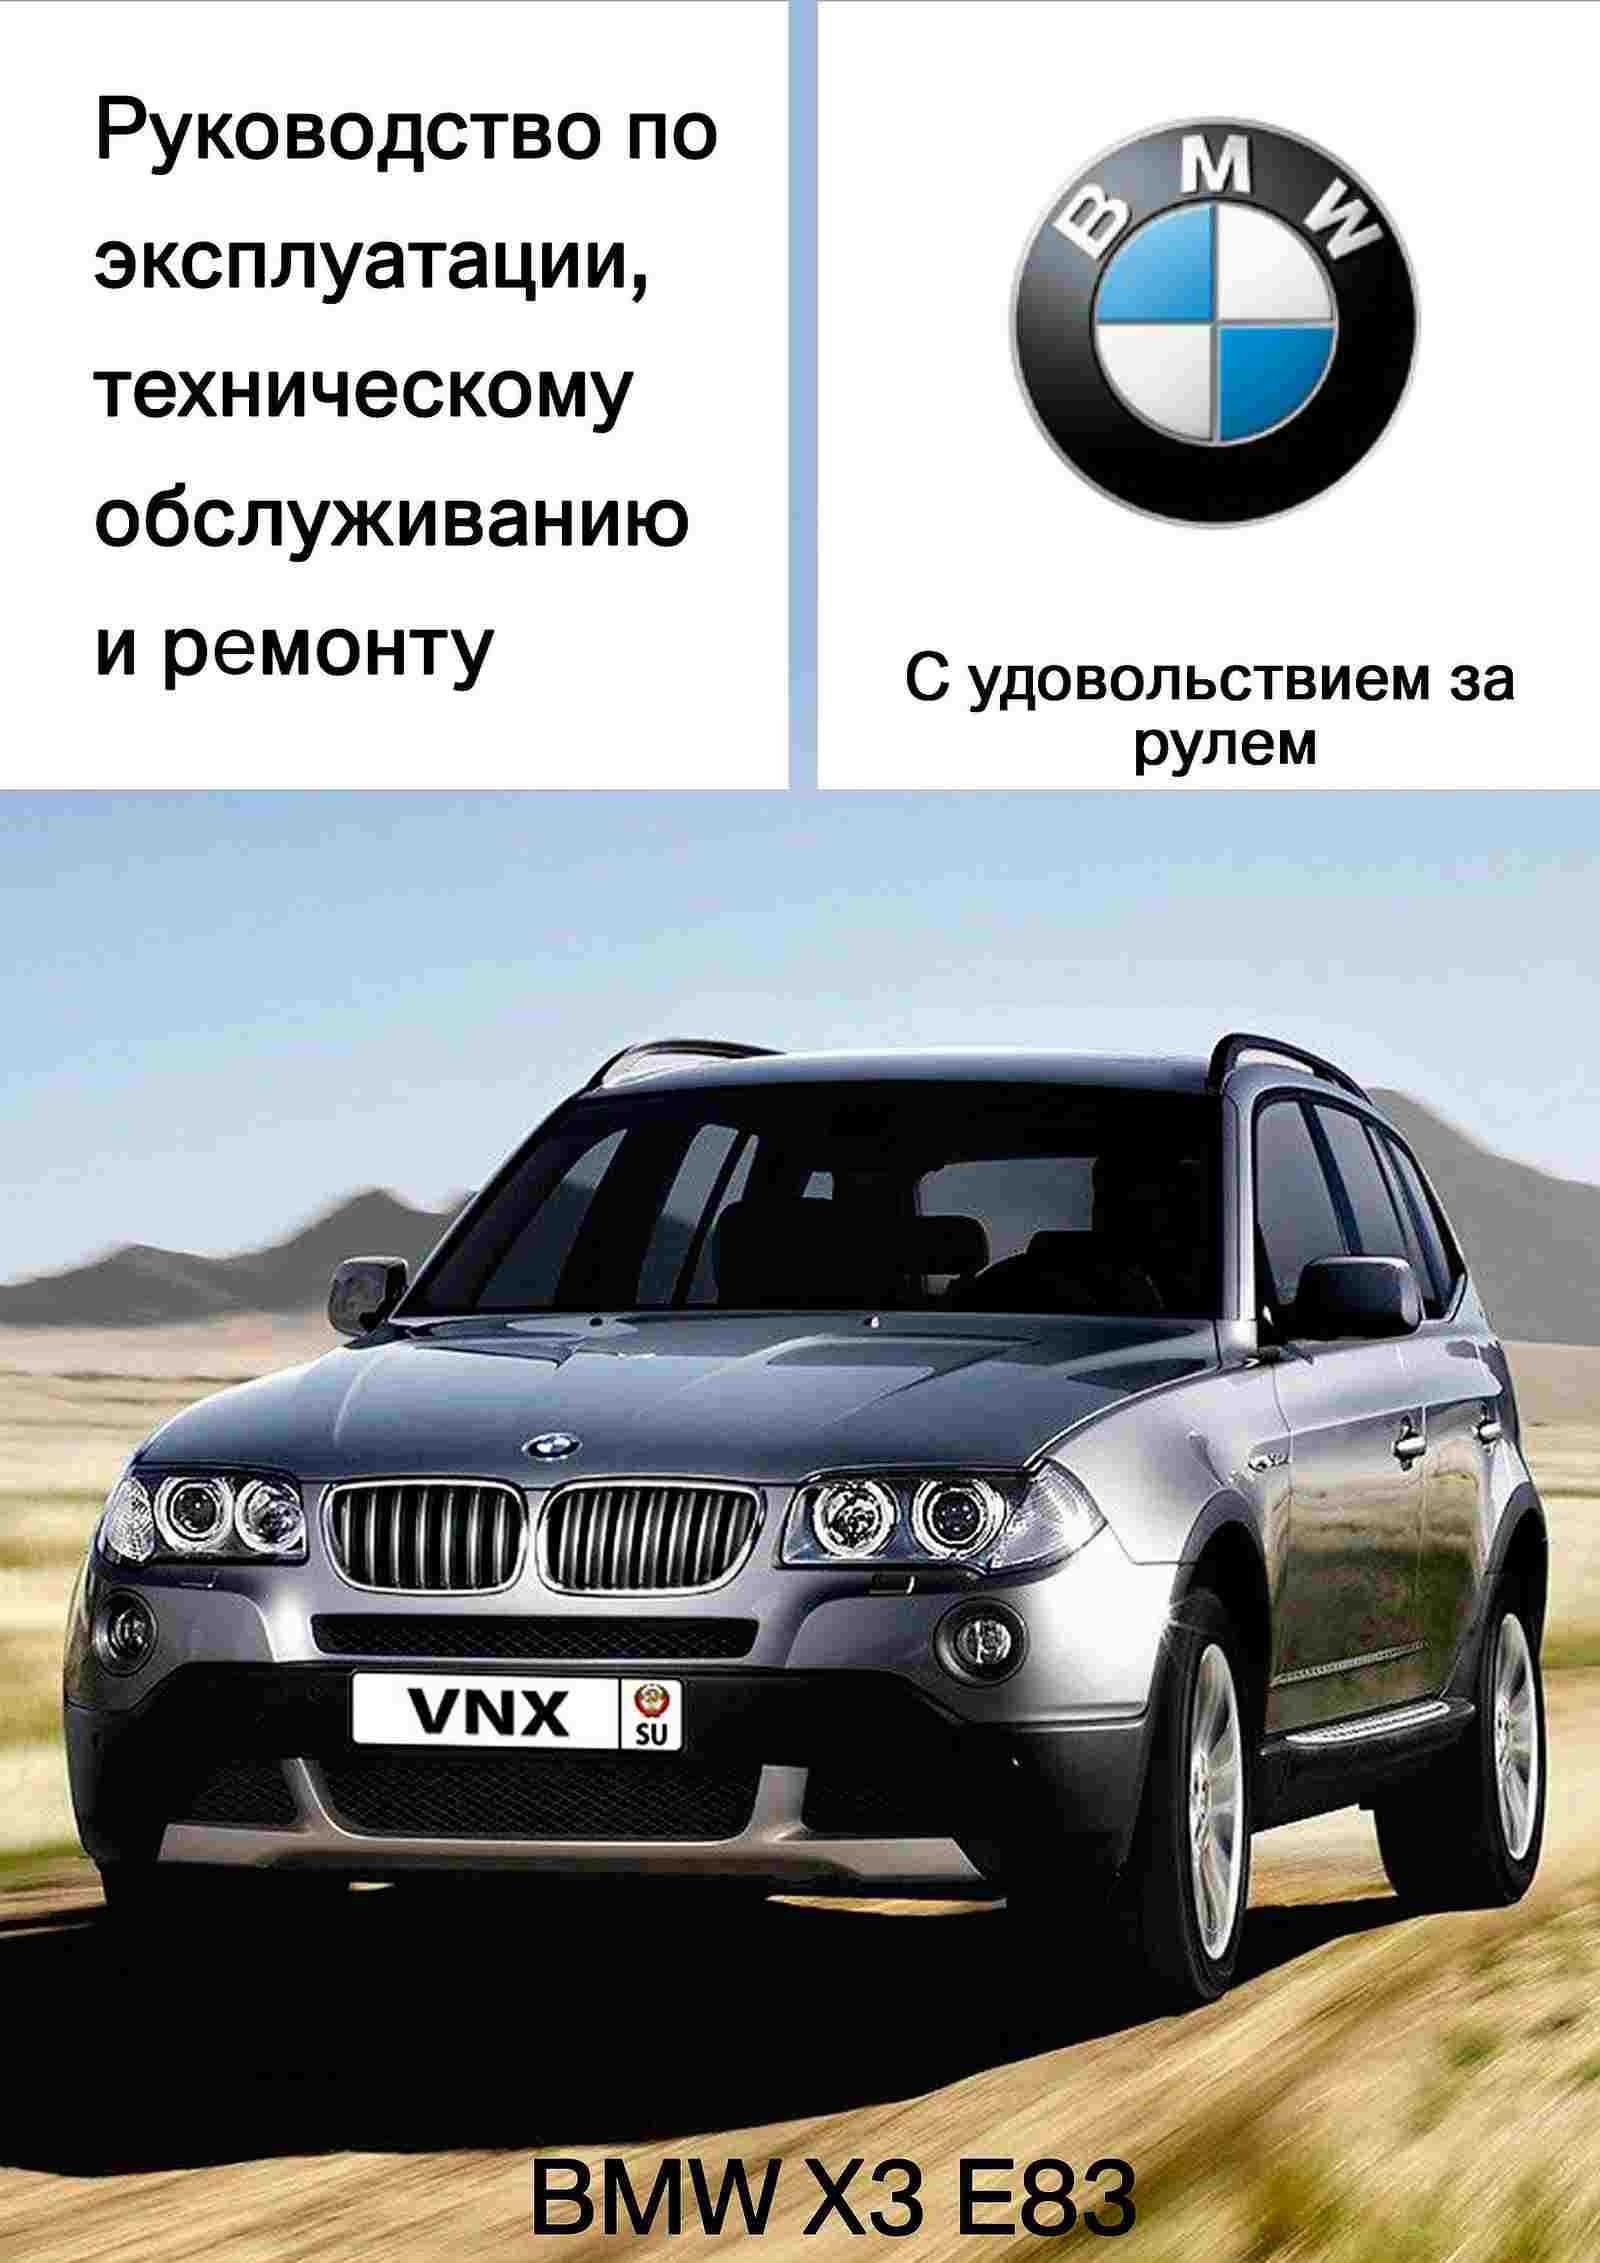 BMW X3 Е83 Руководство по ремонту и техническому обслуживанию обложка